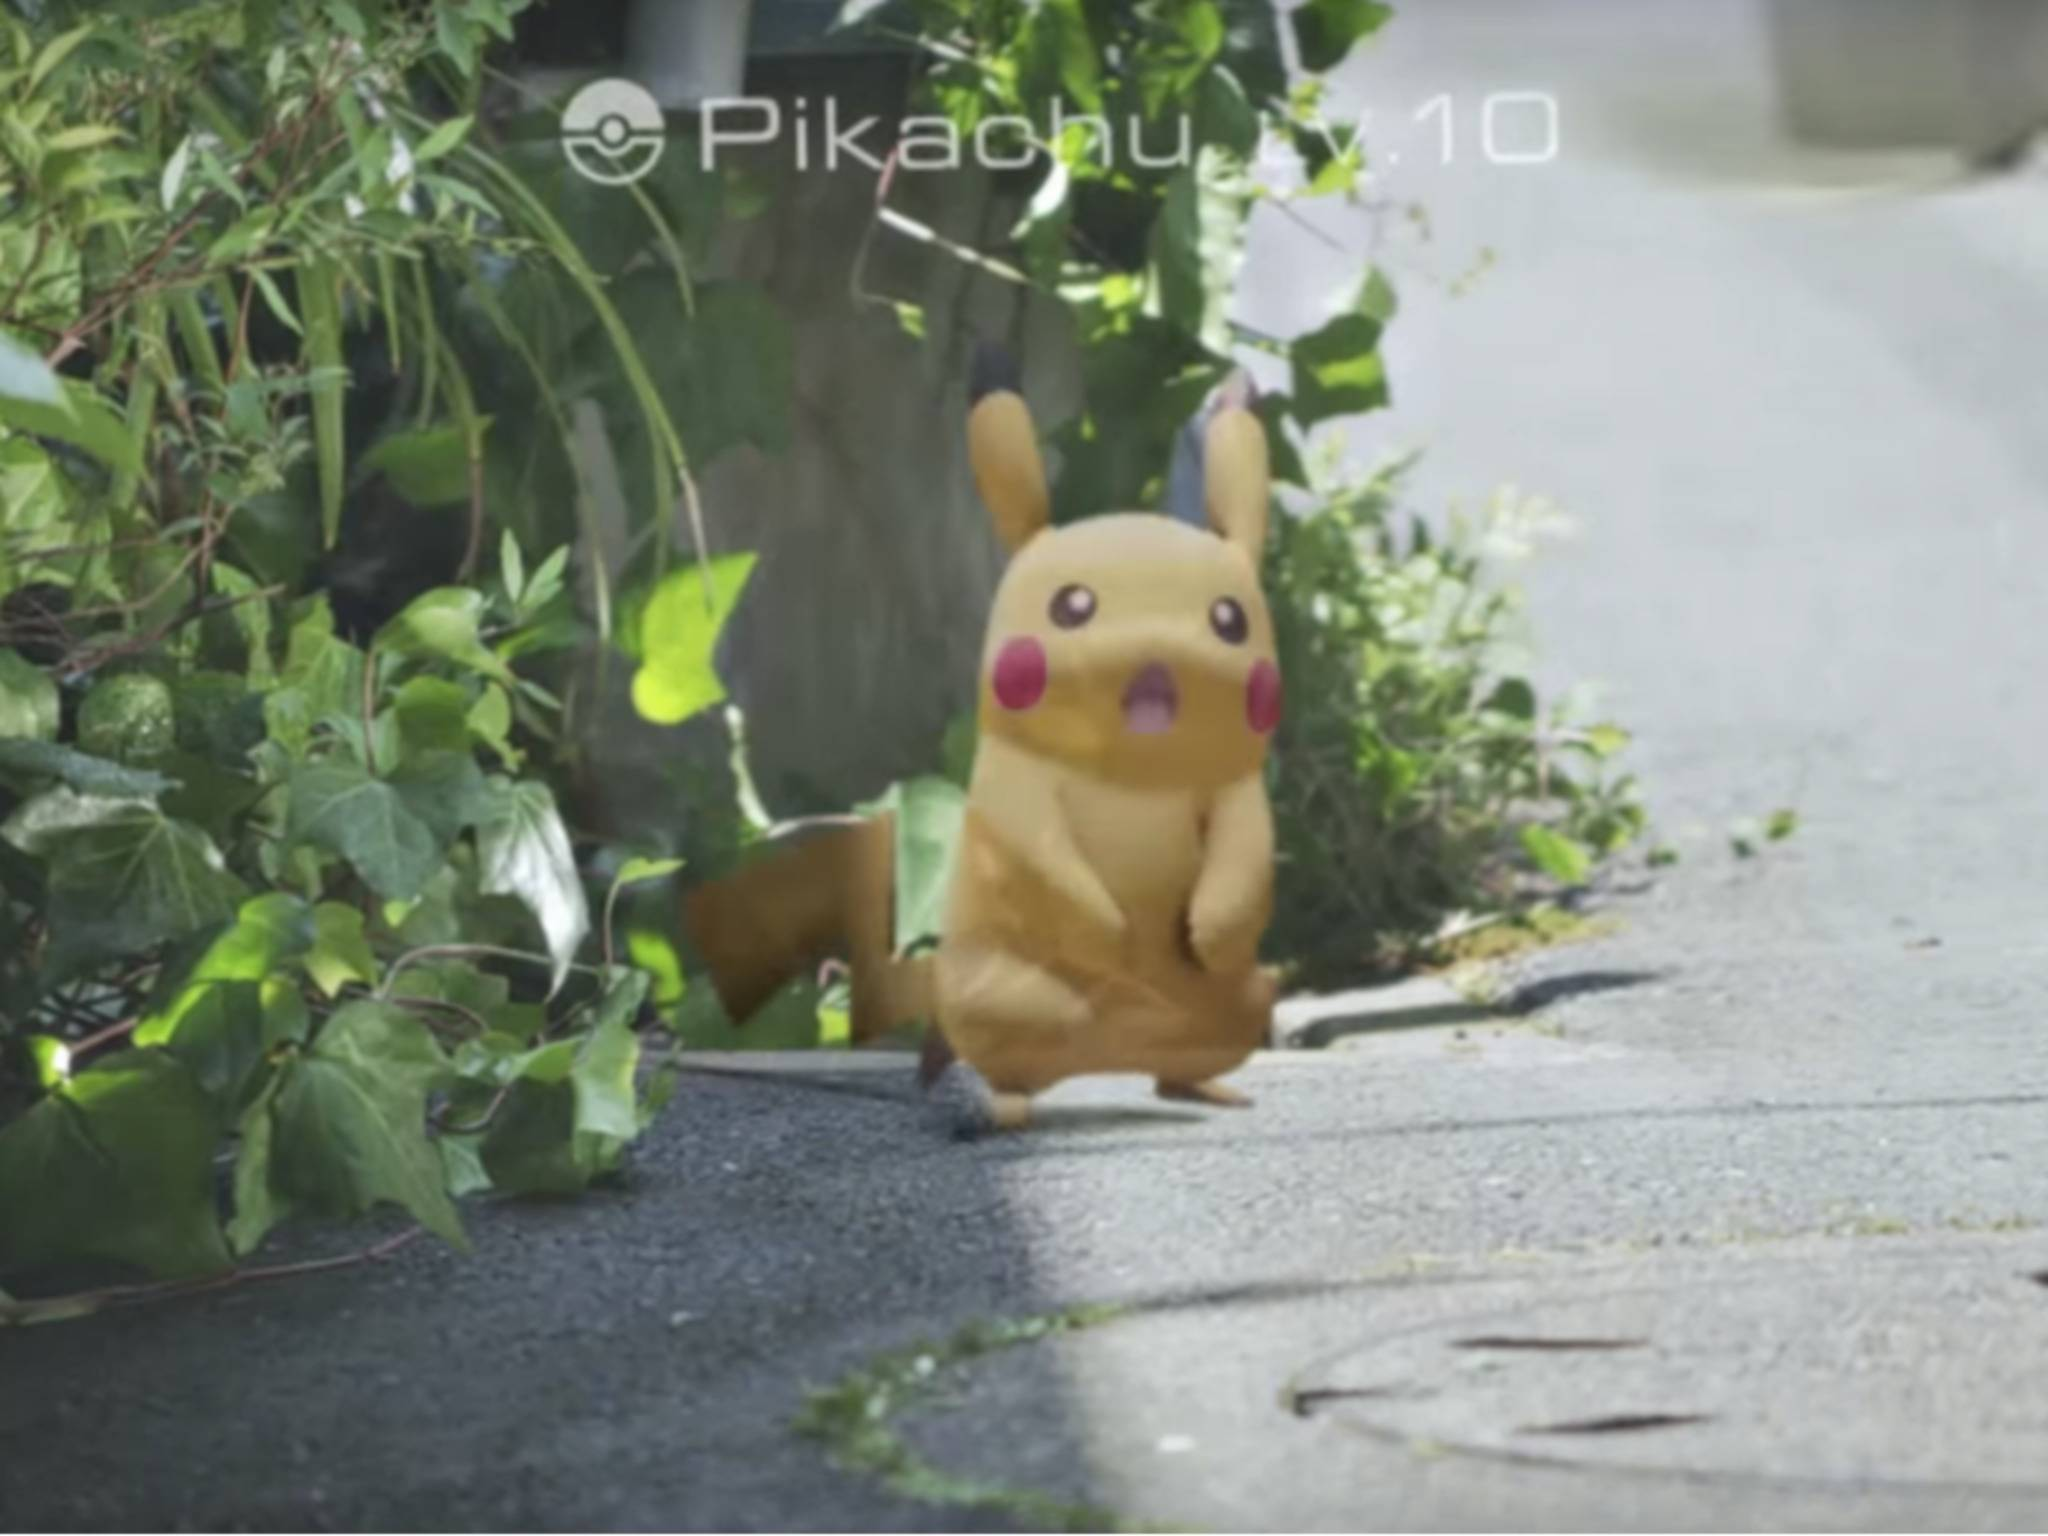 In der echten Welt musst Du die Pokémon finden und einfangen.